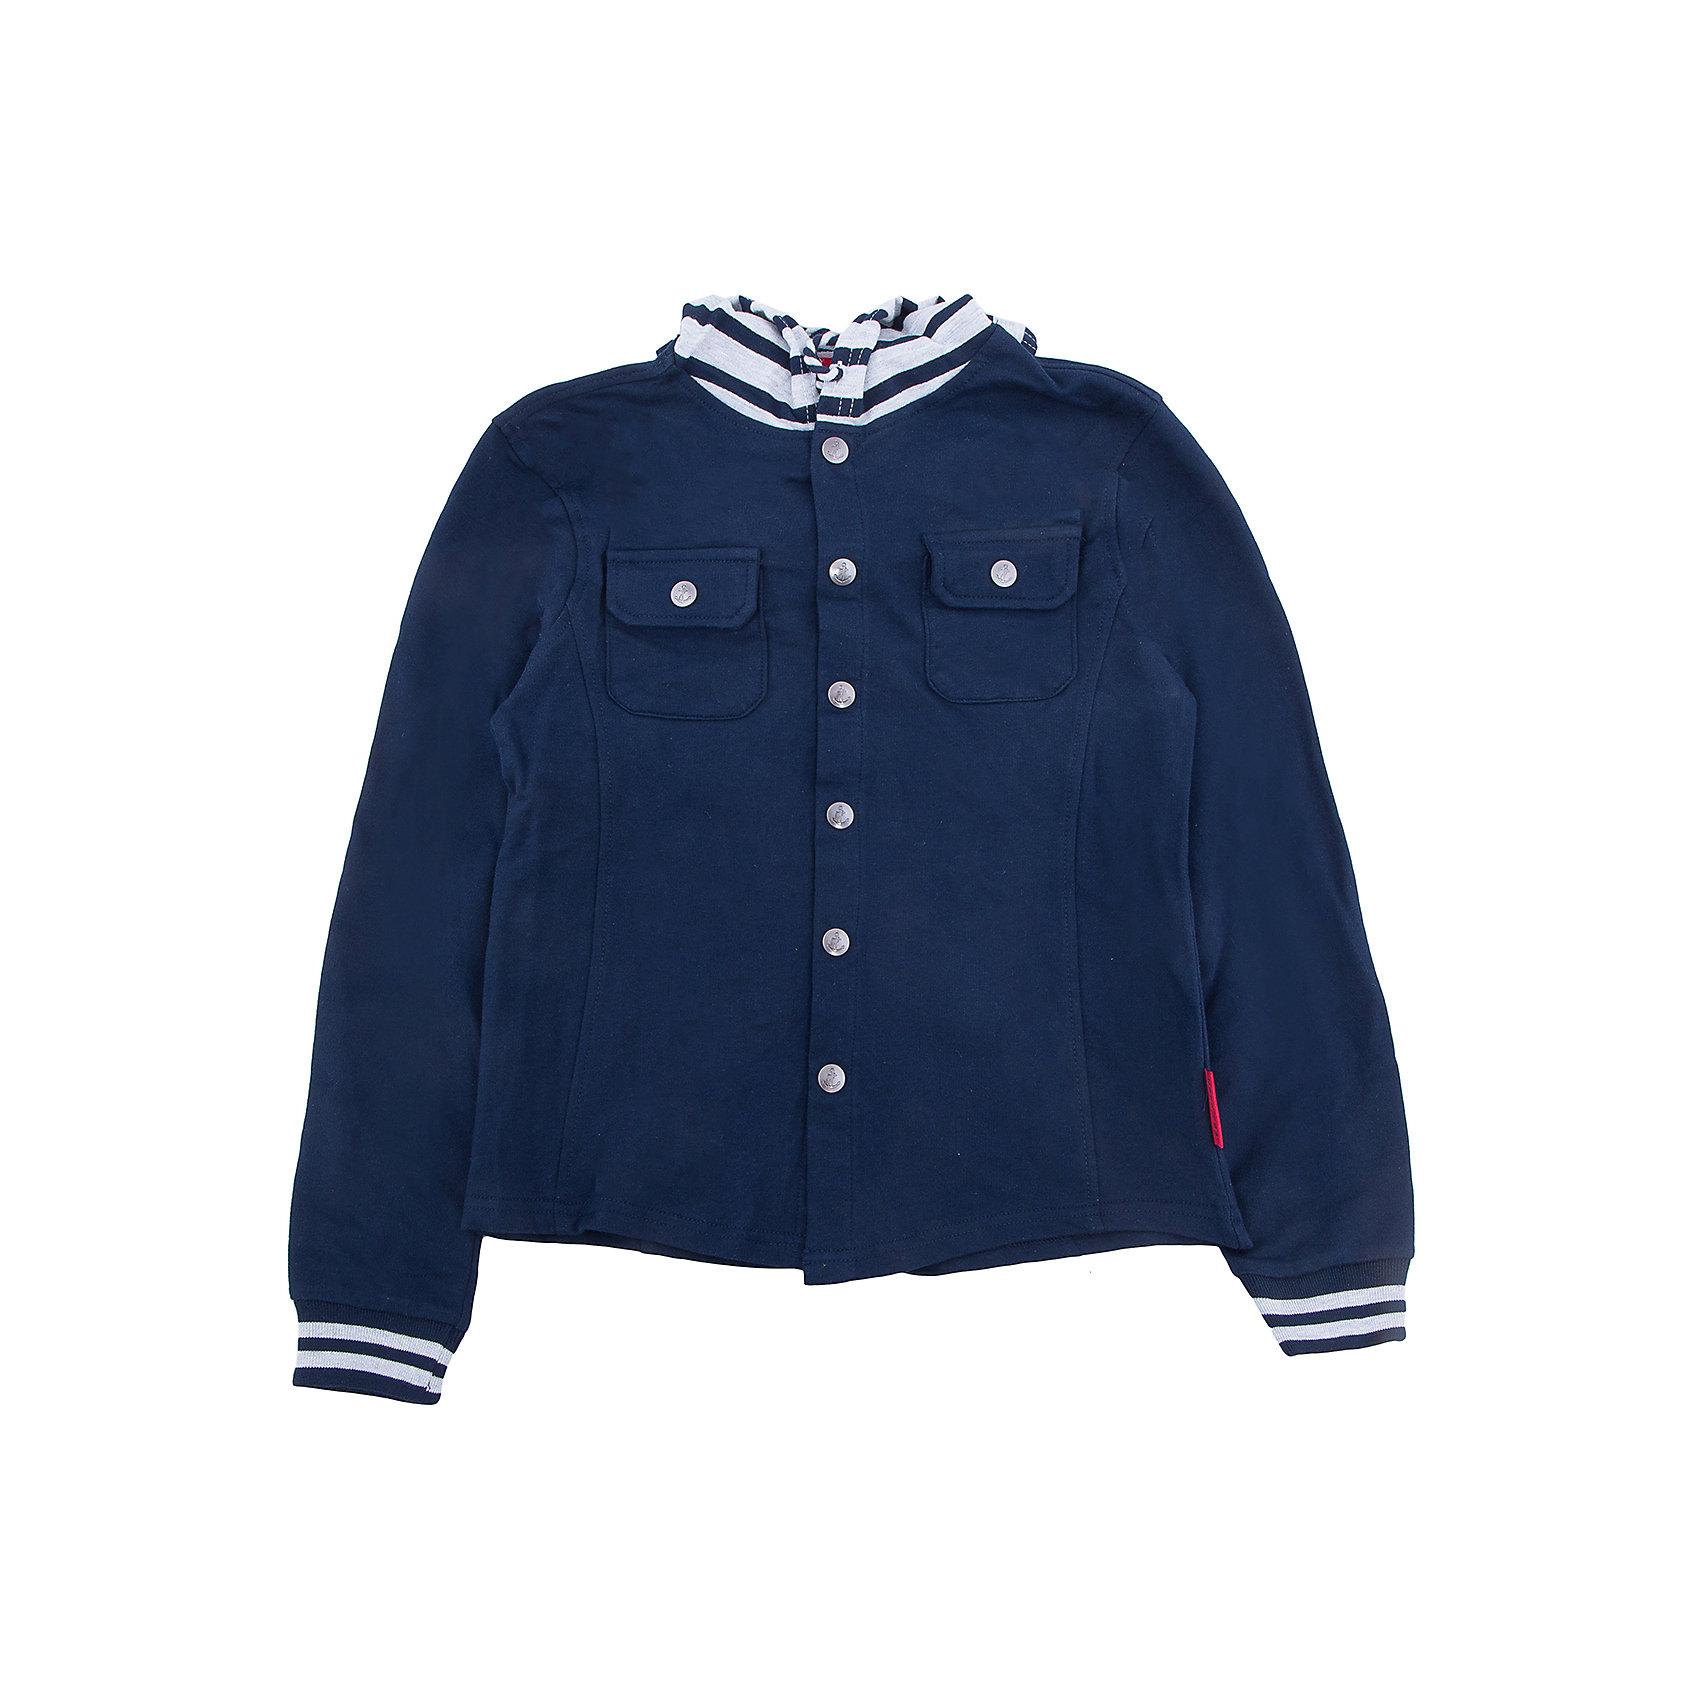 Куртка для мальчика SELAВерхняя одежда<br>Характеристики товара:<br><br>• цвет: синий<br>• состав: 100% хлопок<br>• без утеплителя<br>• температурный режим: от +10С<br>• сезон: демисезон<br>• мягкие манжеты<br>• капюшон с шнурком-утяжкой<br>• капюшон не отстегивается<br>• застежка: пуговицы<br>• низ - мягкая резинка<br>• дышащий материал<br>• два накладных нагрудных кармана<br>• страна бренда: Российская Федерация<br>• страна производства: Бангладеш<br><br>Ветровка с капюшоном для мальчика. Синяя ветровка застёгивается на пуговицы, капюшон утягивается шнурком. Рукава и подол на мягкой резинке. <br><br>Куртку для мальчика от популярного бренда SELA (СЕЛА) можно купить в нашем интернет-магазине.<br><br>Ширина мм: 356<br>Глубина мм: 10<br>Высота мм: 245<br>Вес г: 519<br>Цвет: синий<br>Возраст от месяцев: 108<br>Возраст до месяцев: 120<br>Пол: Мужской<br>Возраст: Детский<br>Размер: 140,134,146,152,122,128<br>SKU: 5305734